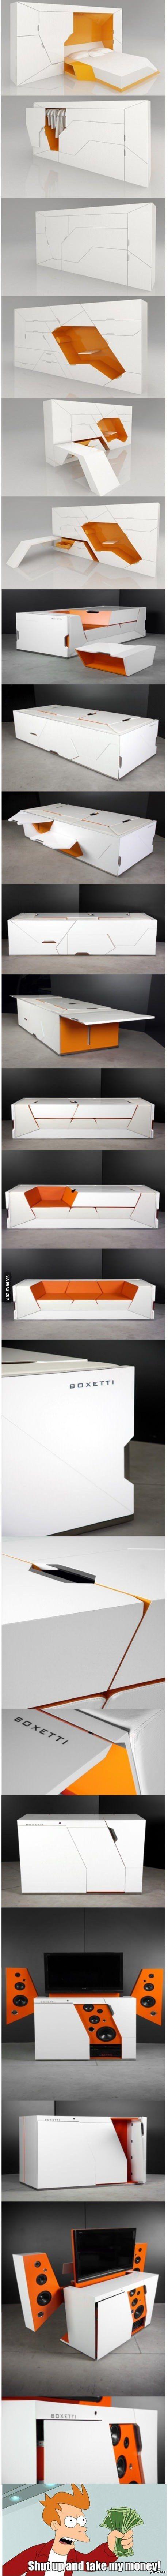 Мебель будущего будущее, мебель, компактность, 9gag, длиннопост, shut up and take my money